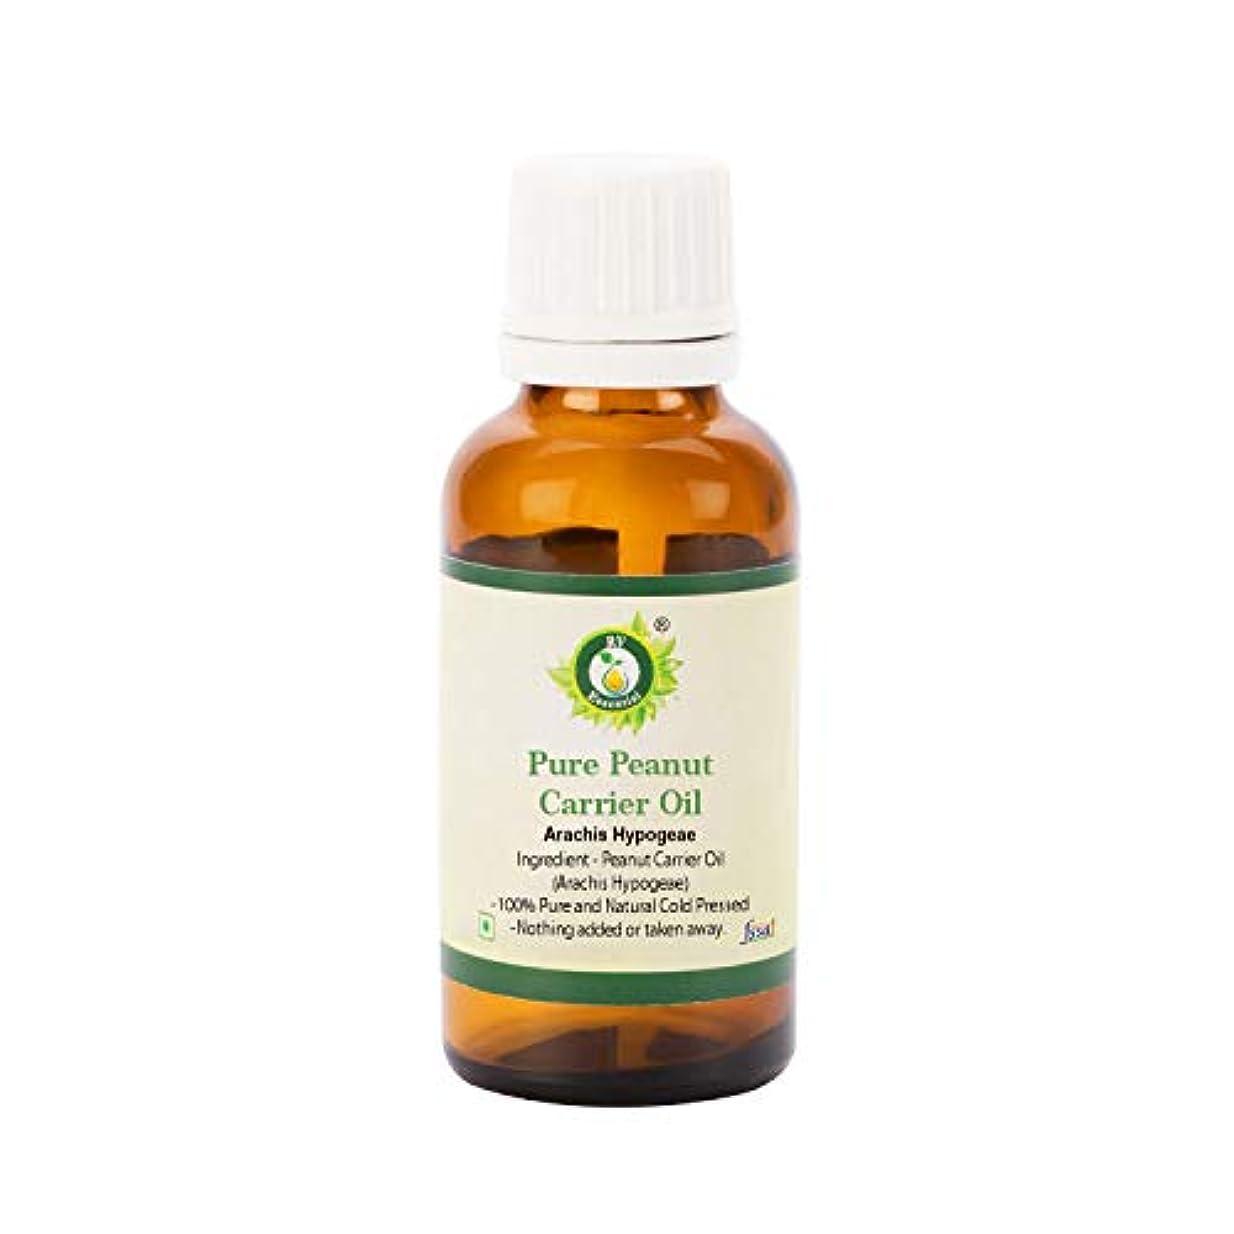 研究良性チョコレートR V Essential 純粋なピーナッツキャリアオイル5ml (0.169oz)- Arachis Hypogeae (100%ピュア&ナチュラルコールドPressed) Pure Peanut Carrier Oil